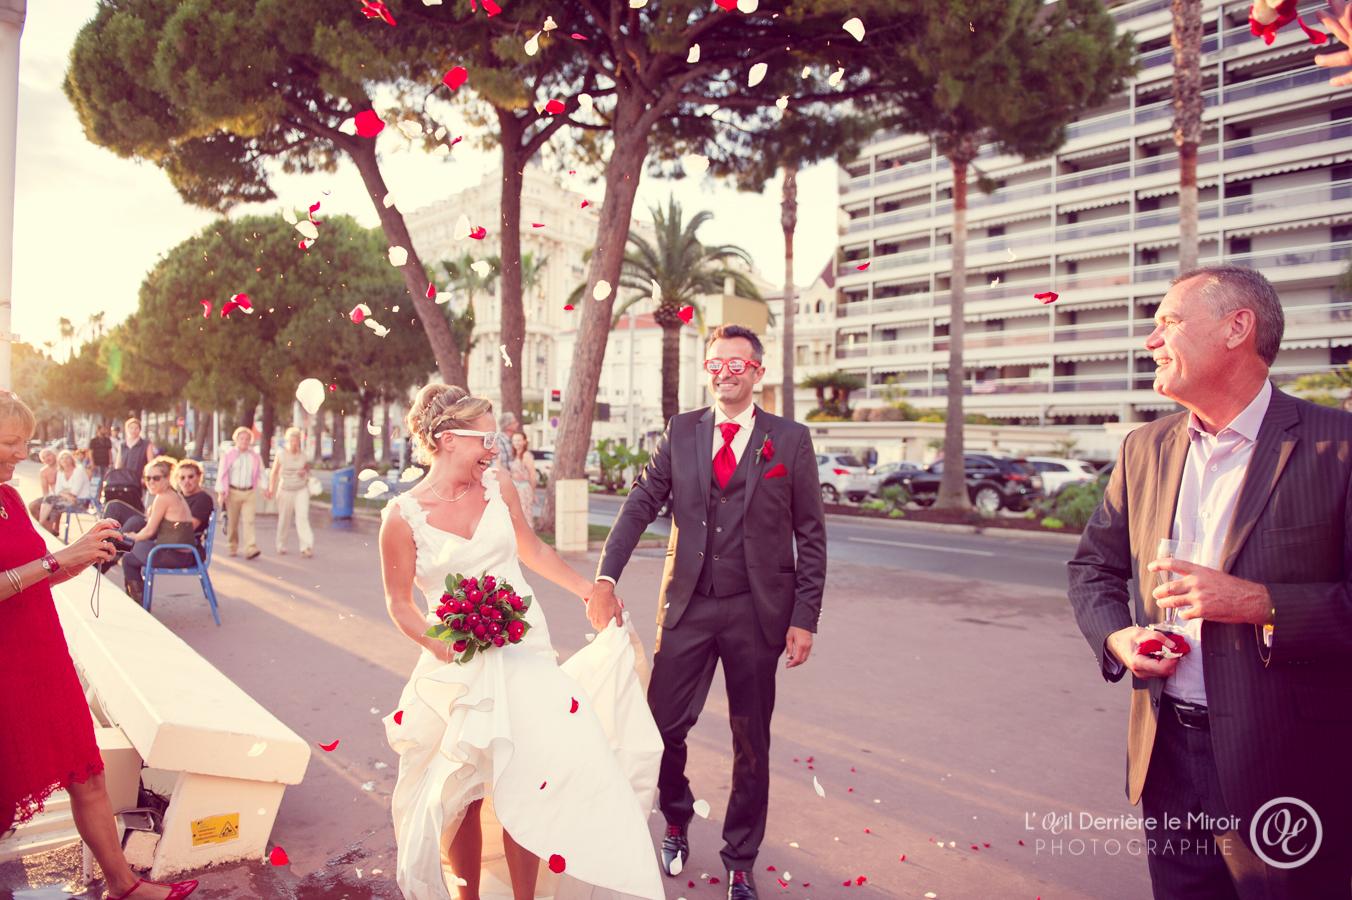 Photographe de mariage à Grasse Cannes L'OEil Derrière le Miroir